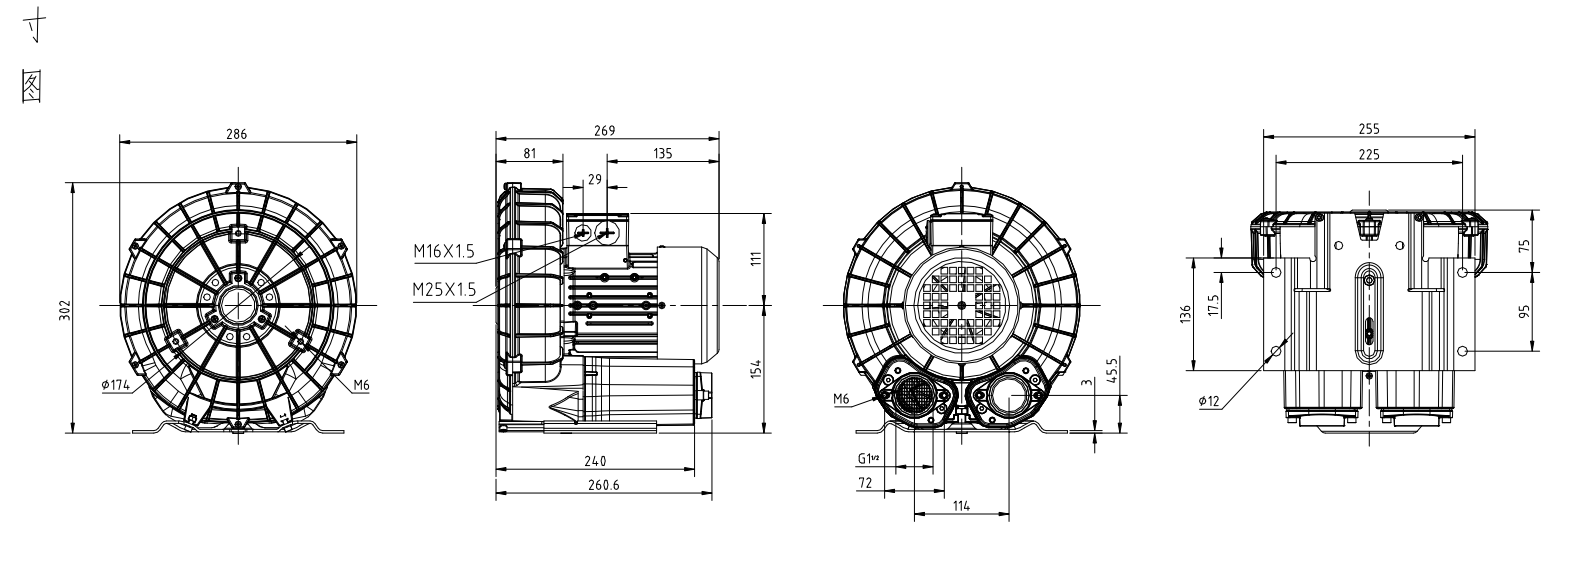 750W高压防爆风机 高压防爆鼓风机,中压防爆鼓风机,变频防爆鼓风机,防爆鼓风机,0.75KW防爆鼓风机